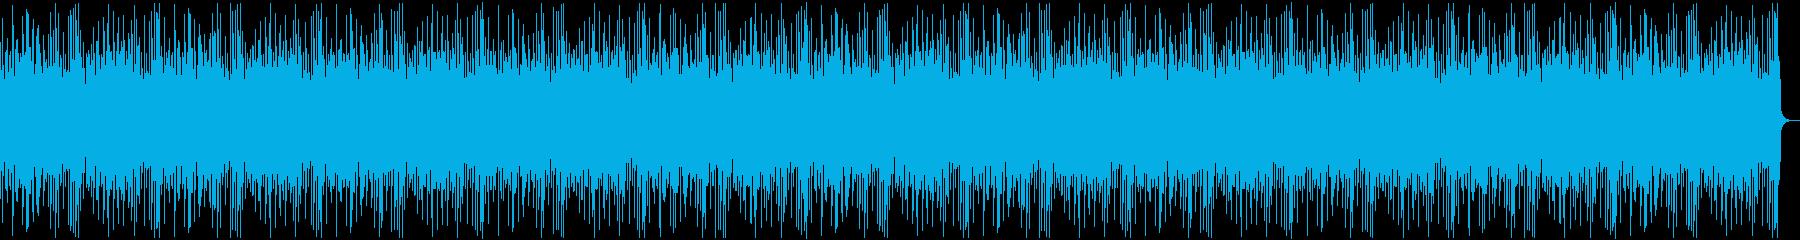 ビーチでほのぼのリラックスするBGMの再生済みの波形